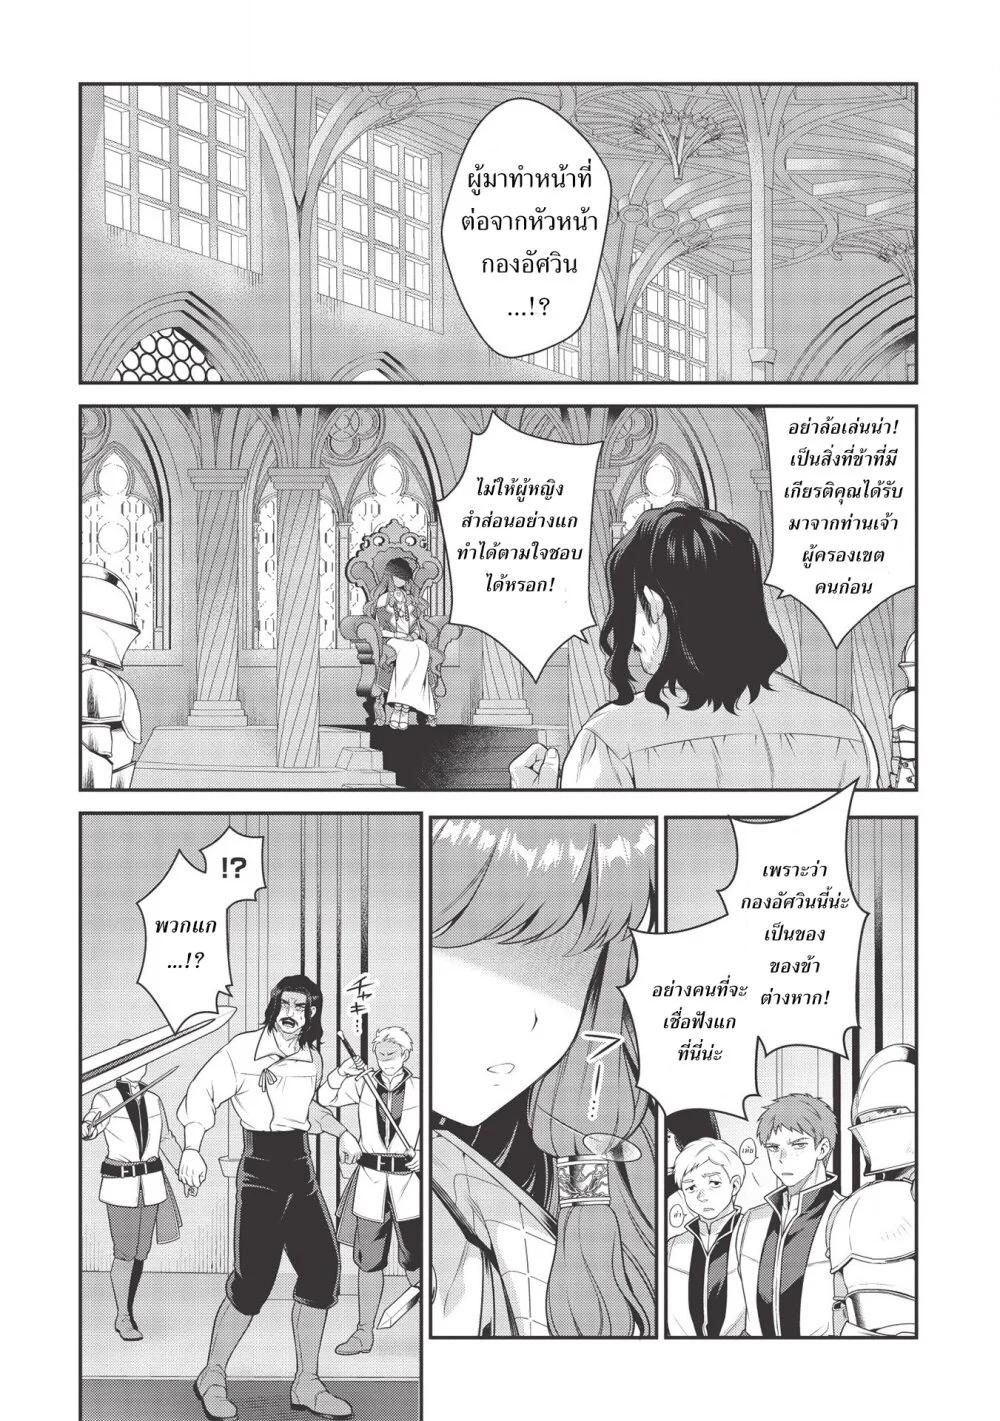 อ่านการ์ตูน Eiyu-Oh Bu Wo Kiwameru tame Tensei Su. Soshite, Sekai Saikyou no Minarai Kisi ♀ ตอนที่ 11 หน้าที่ 20